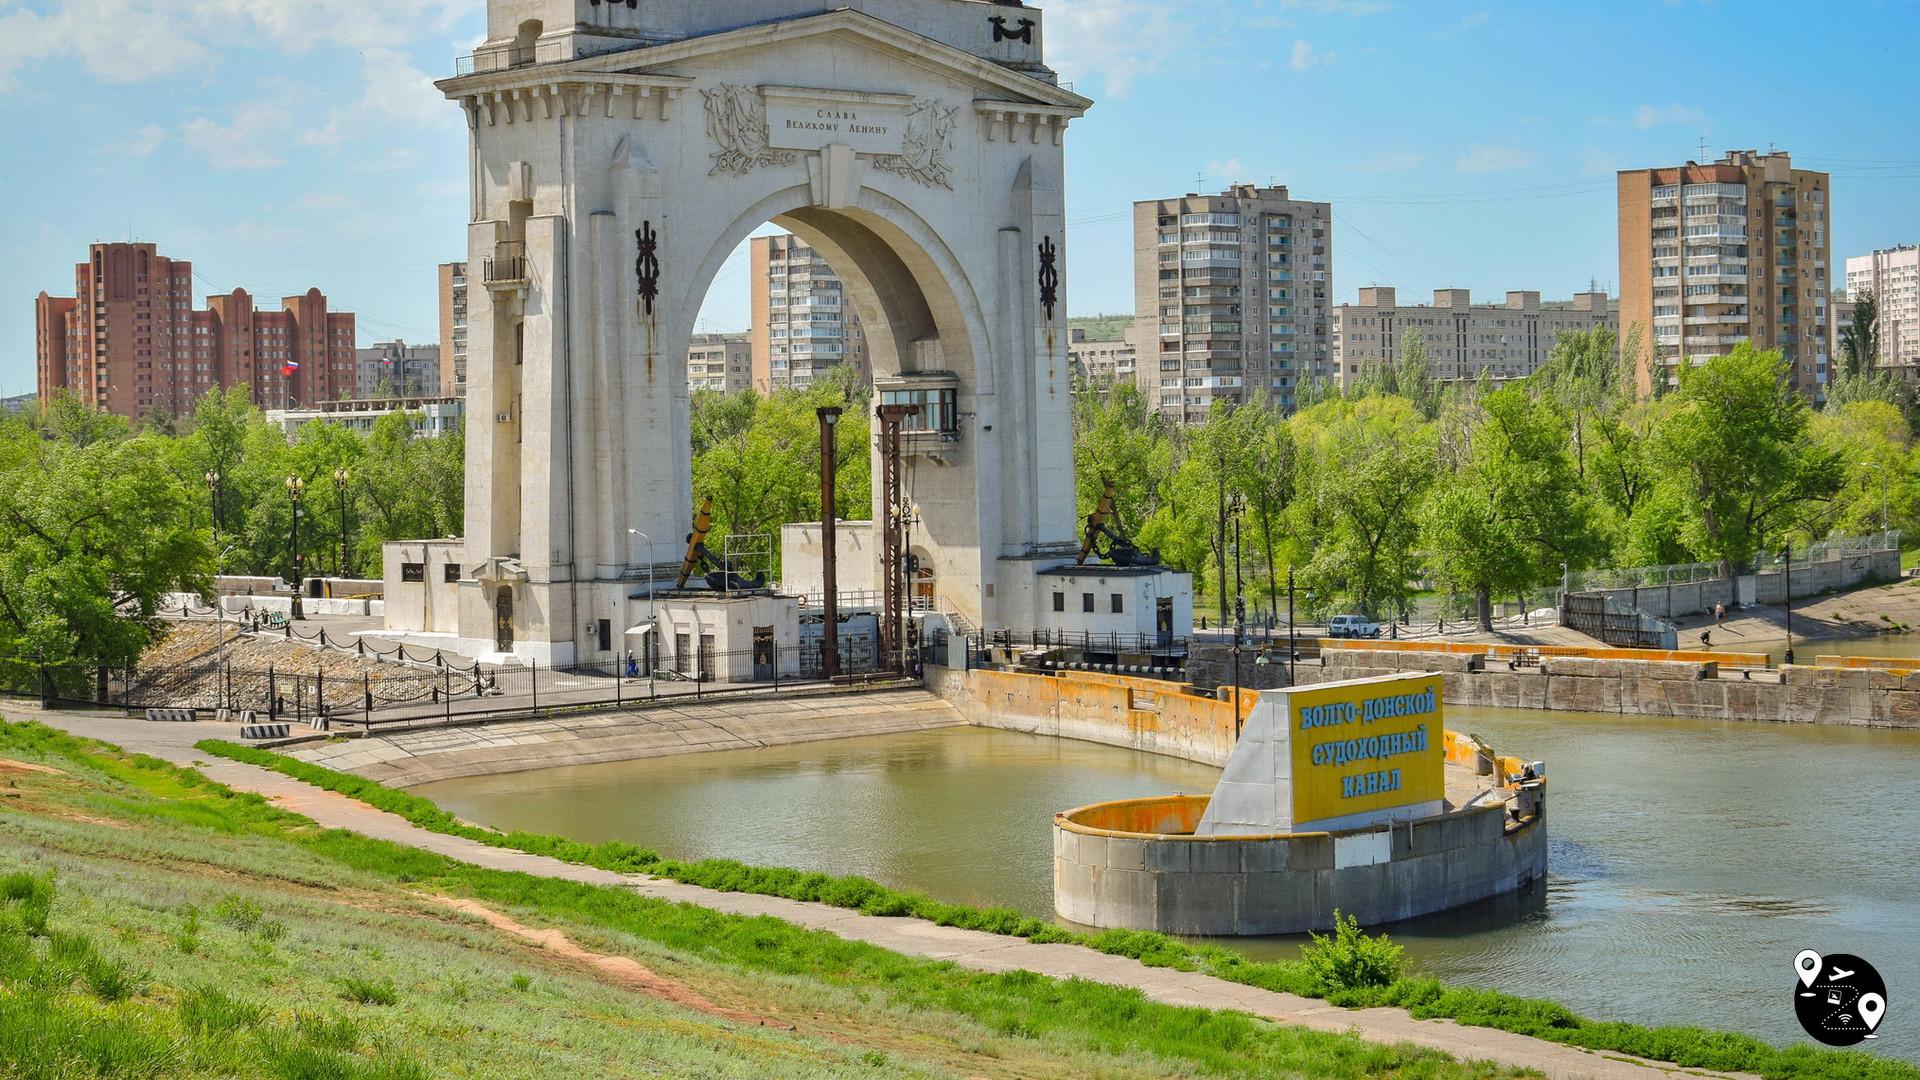 Волго-Донской канал, Волгоград